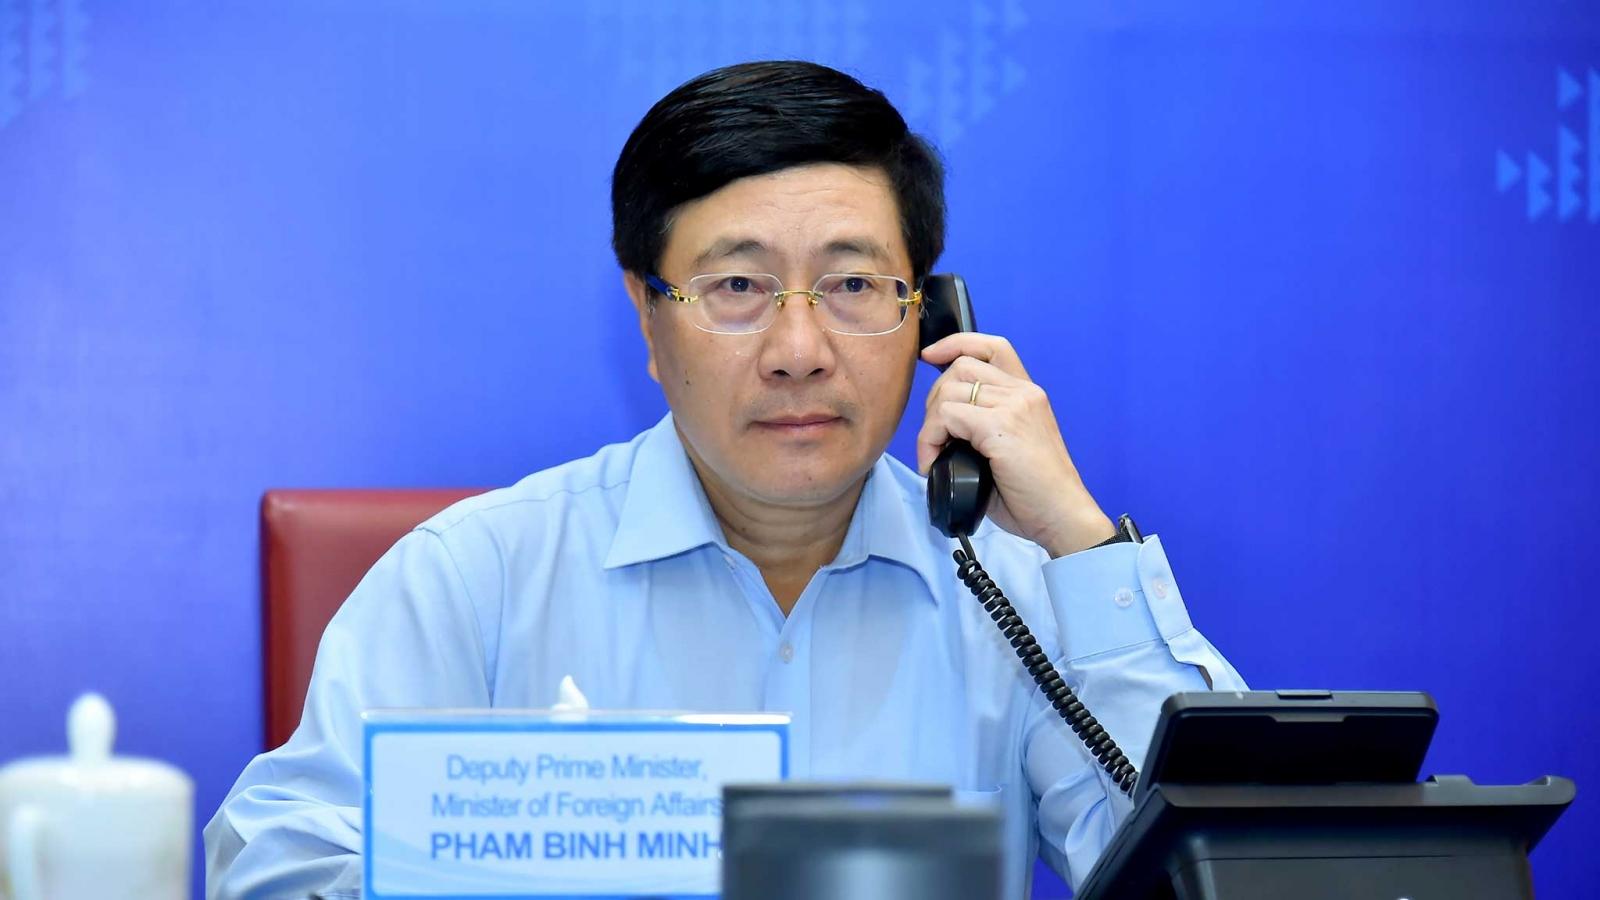 Thắt chặt quan hệ đoàn kết, hữu nghị đặc biệt và hợp tác toàn diện Việt Nam - Cuba